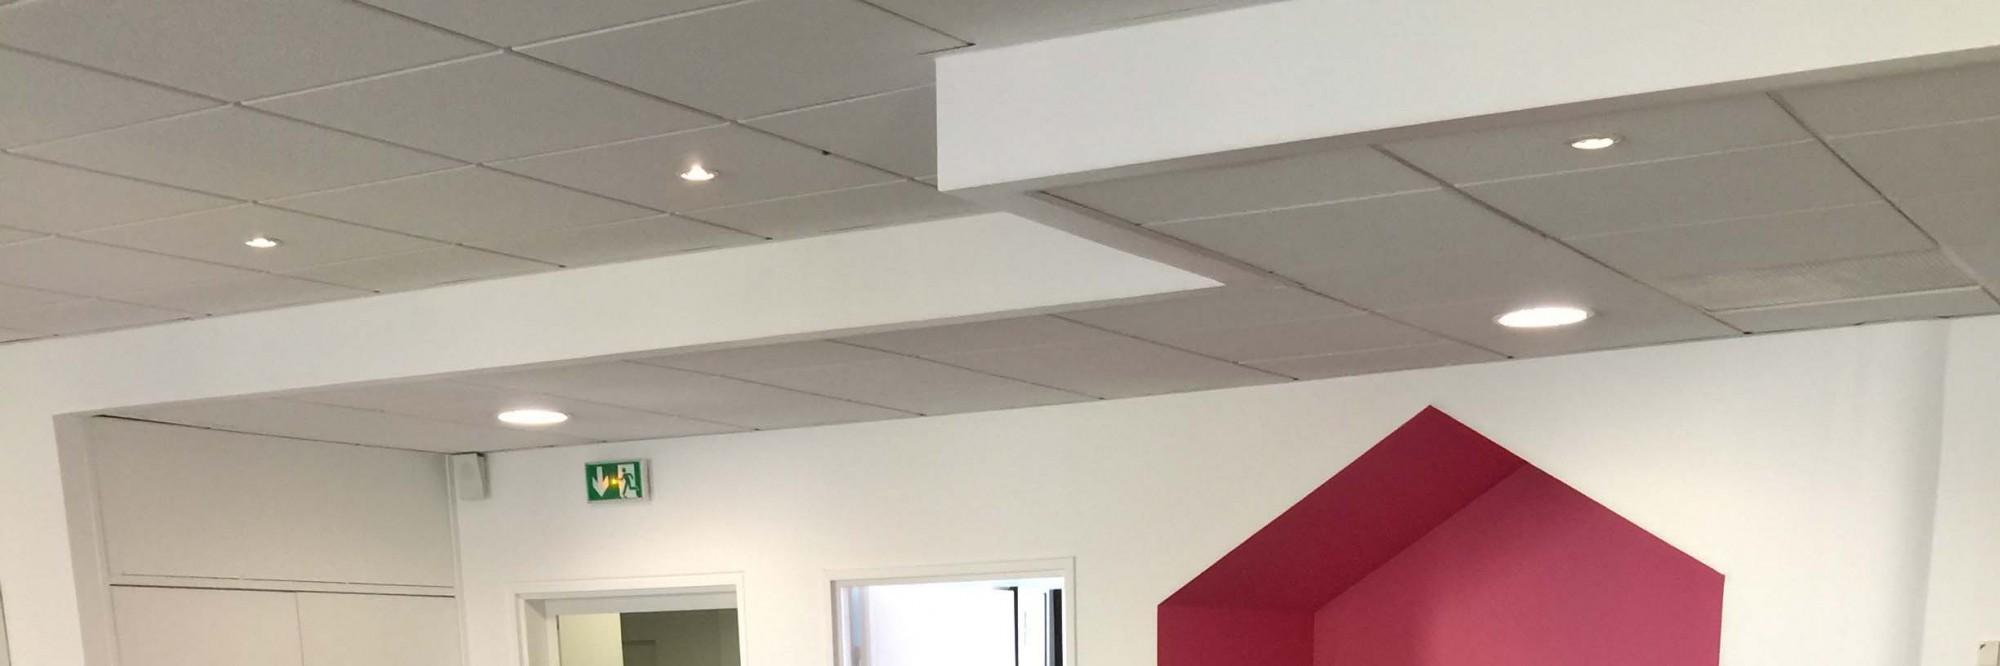 Faux-plafonds et dalles de bureaux pour l'aménagement de locaux